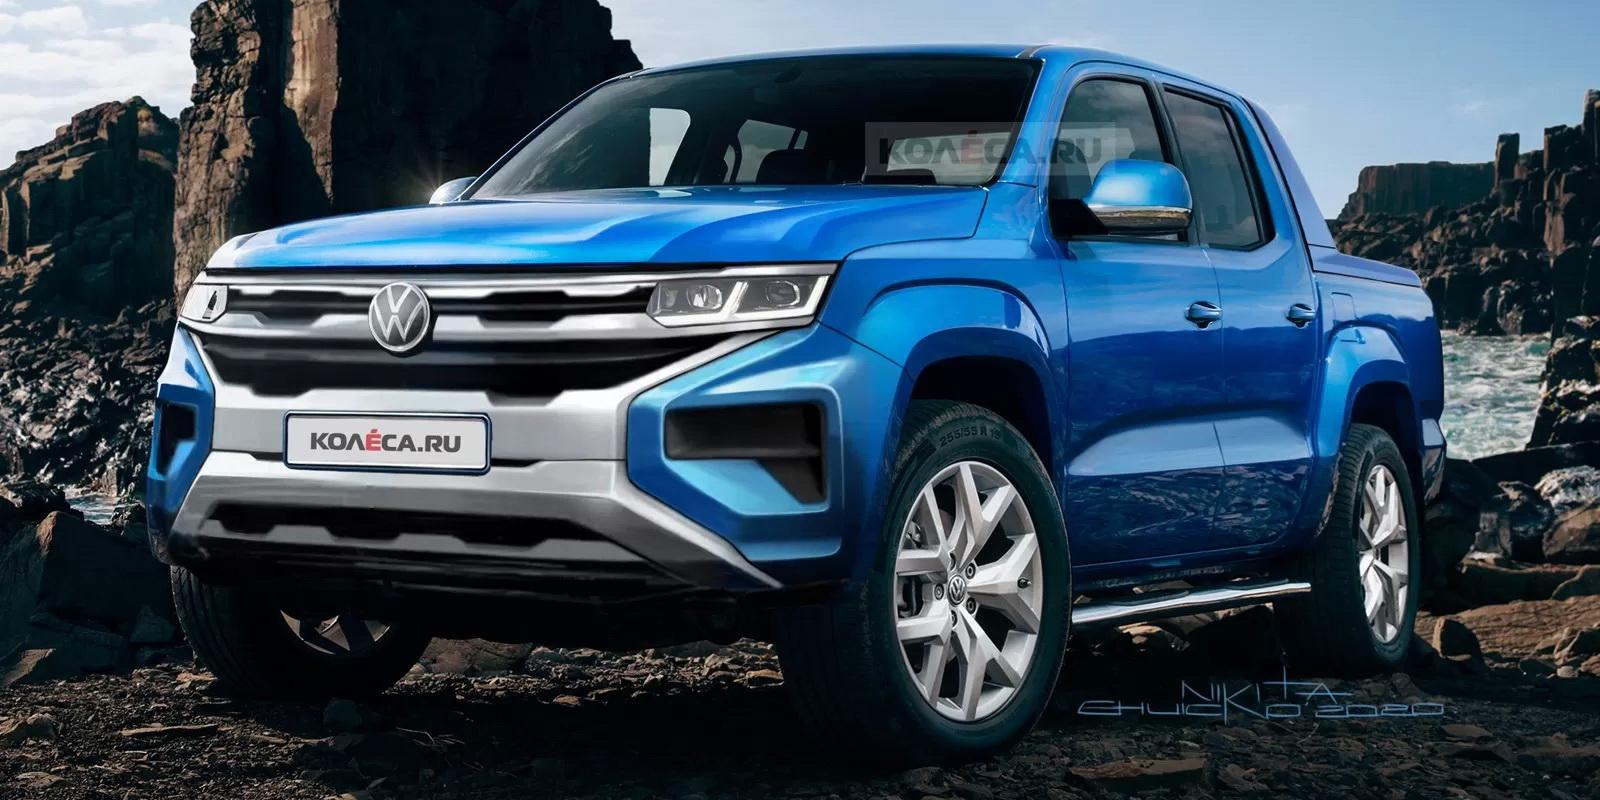 Volkswagen-amarok-rendering-1-1